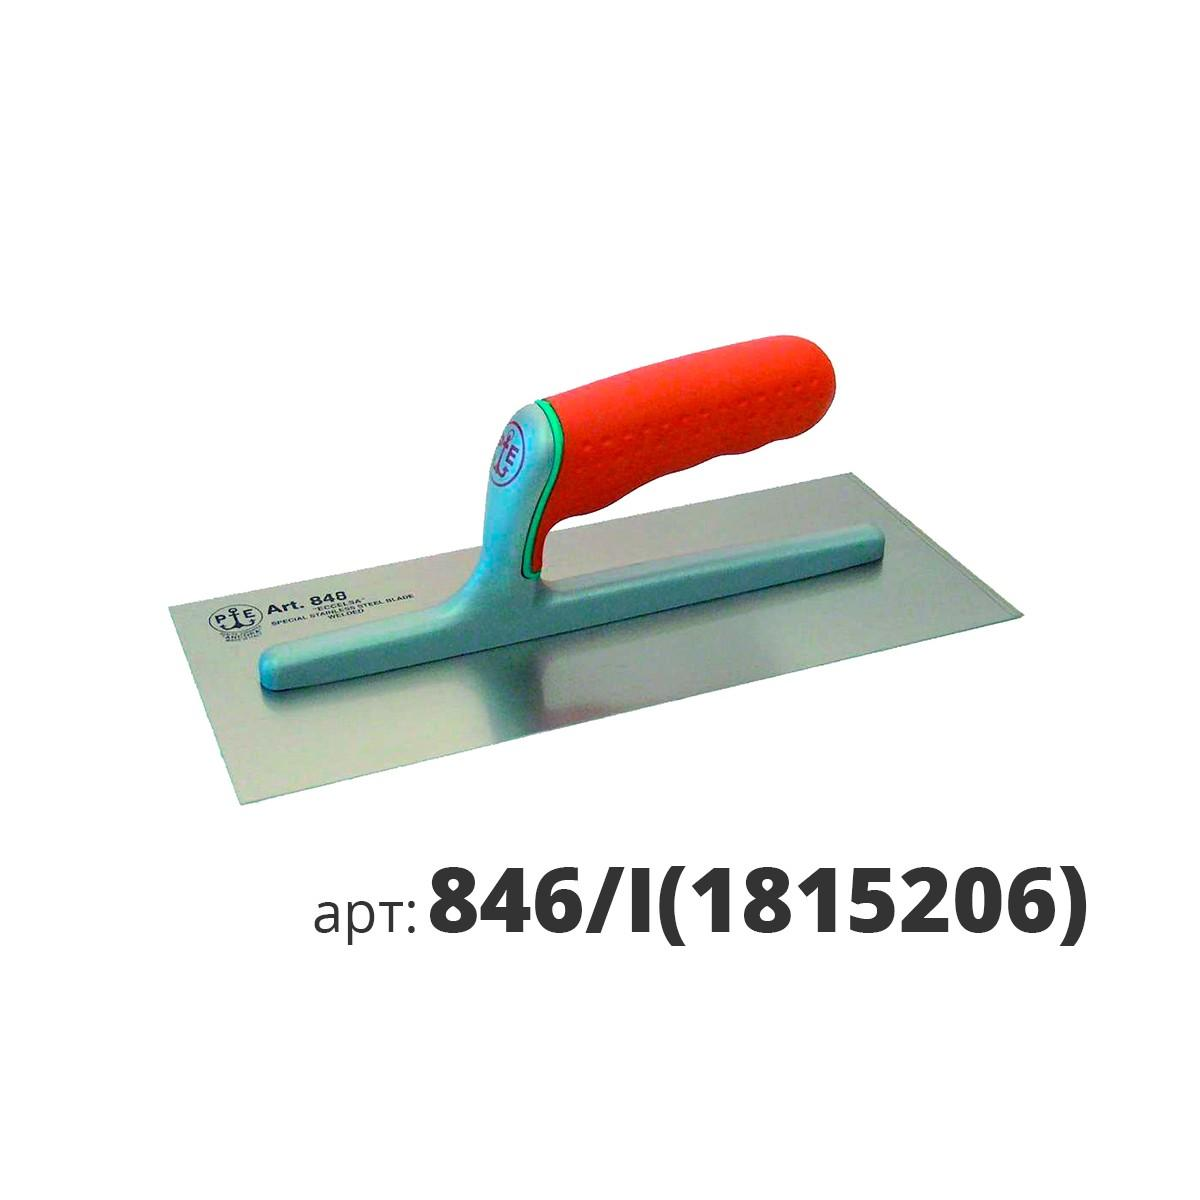 PAVAN кельма из нержавеющей стали 846/I(1815206)